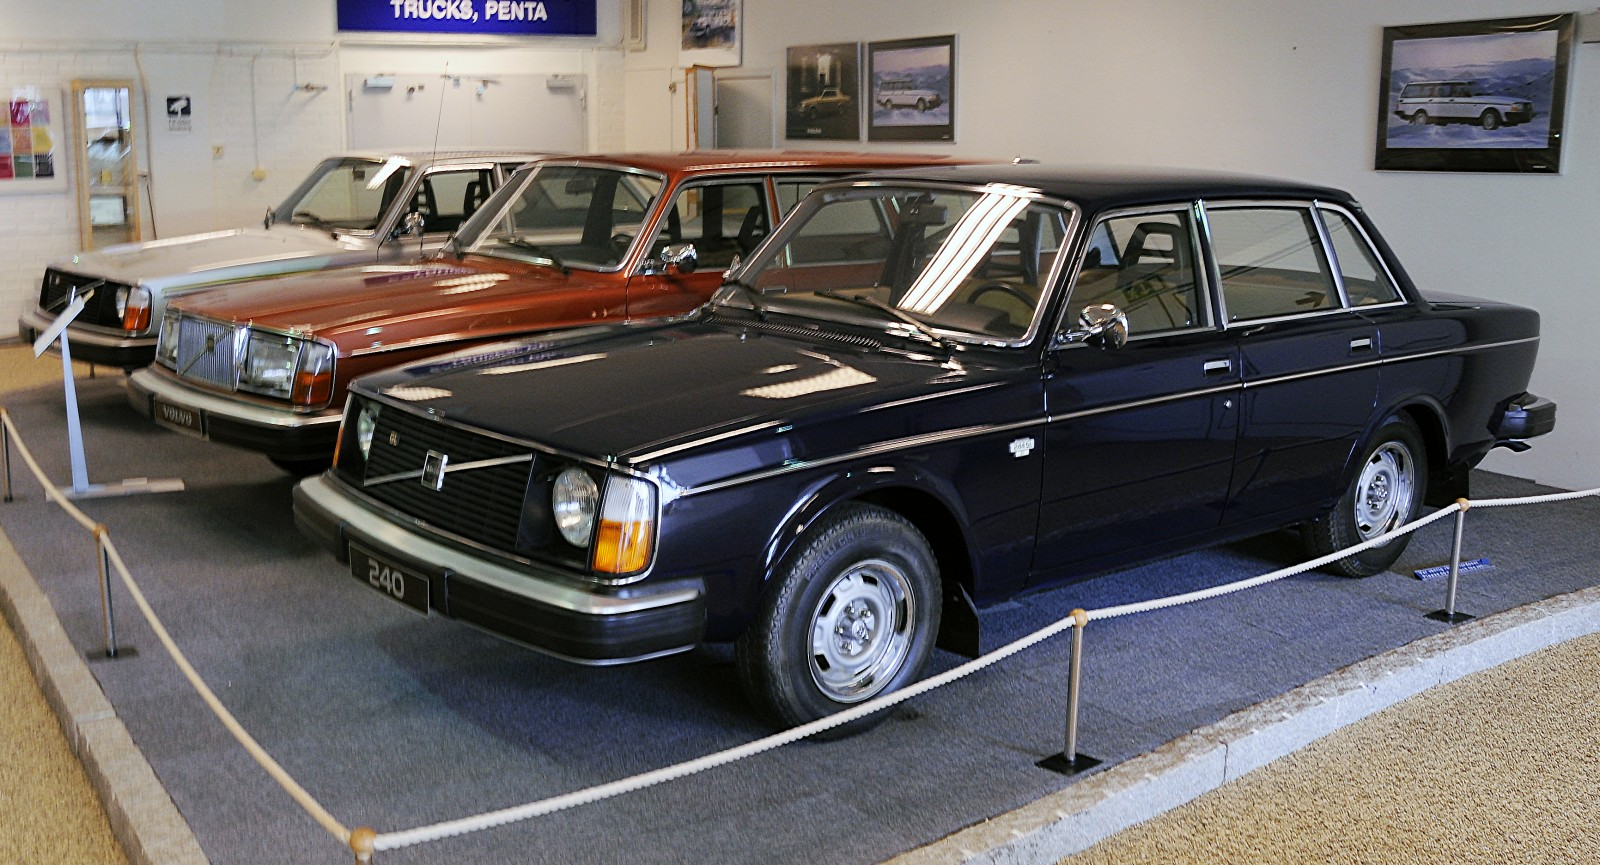 Närmast i bild syns Volvo 244 med chassinummer ett.